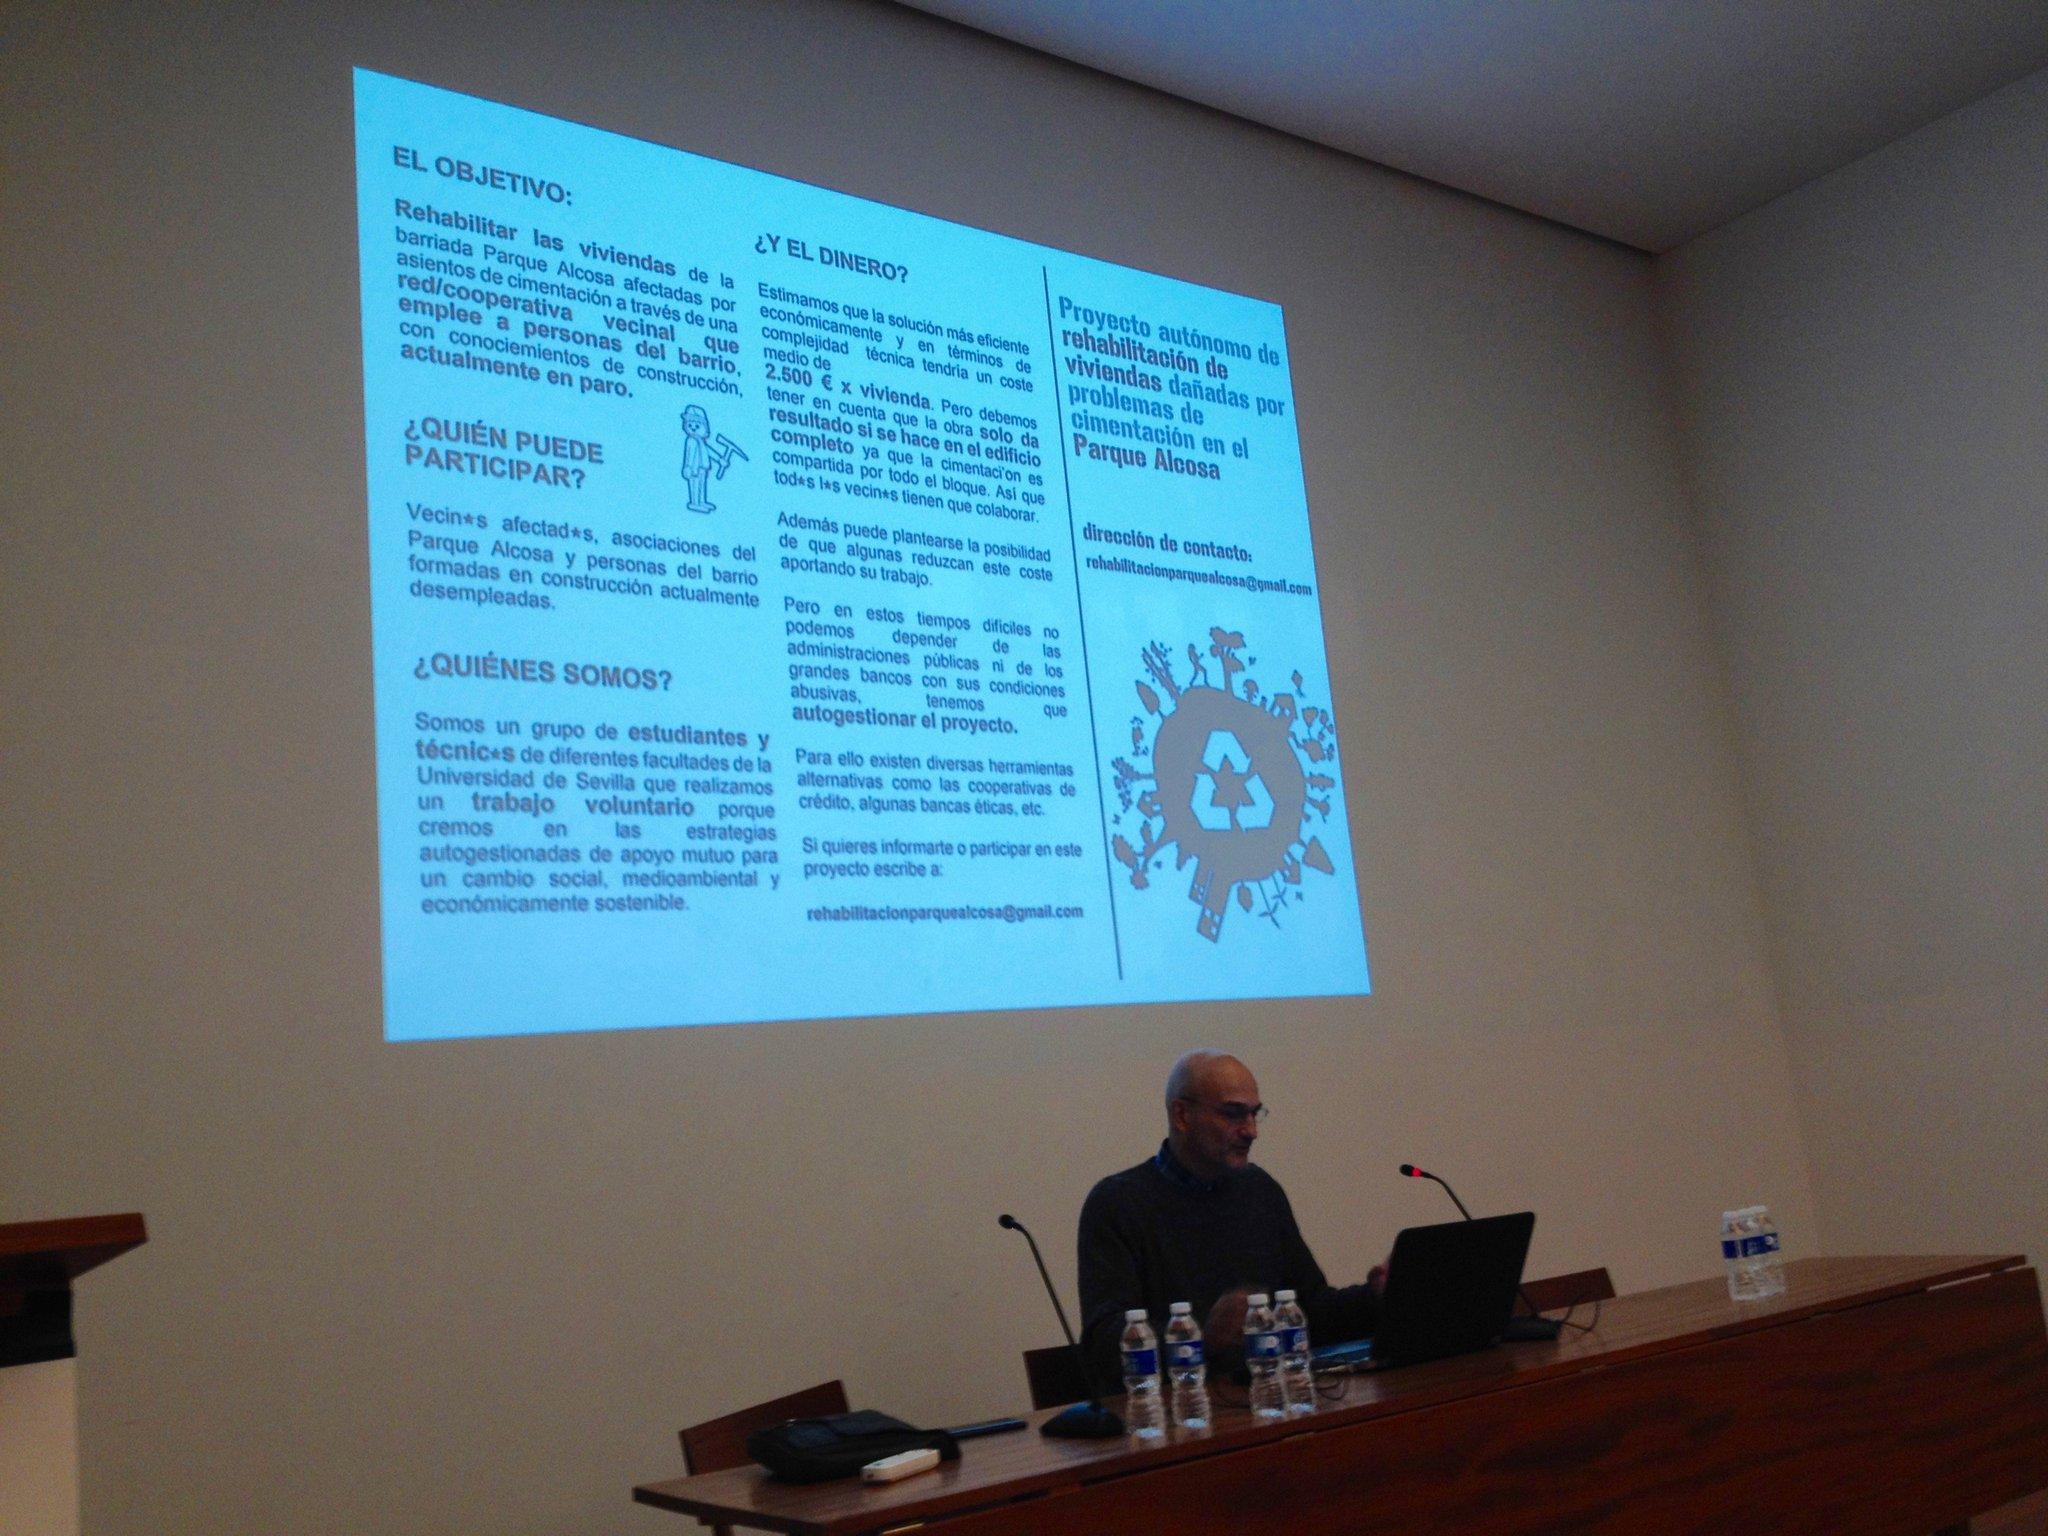 """""""Sobre la necesidad de traducir al lenguaje común los detalles técnicos  de un proyecto de rehabilitación"""" @estebandemanuel en #urbanbat16 https://t.co/r4VSl2Irgp"""